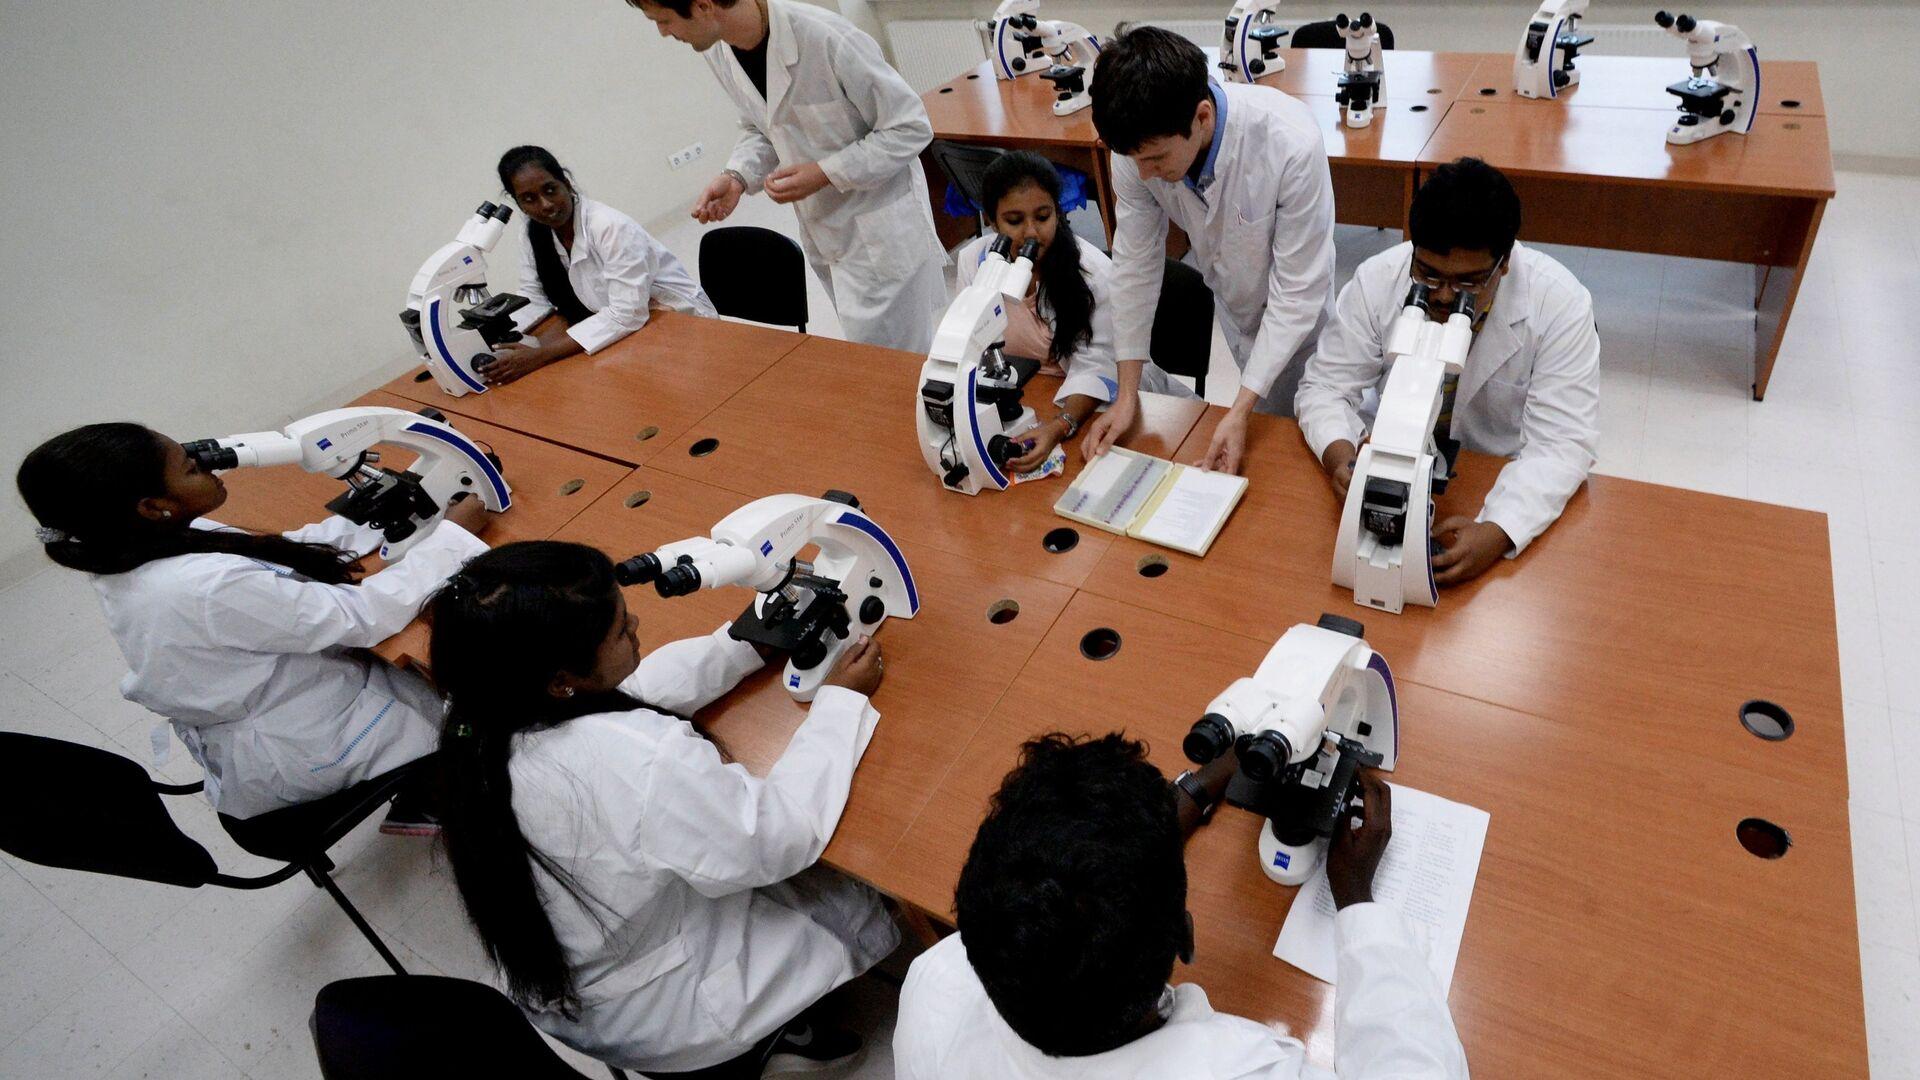 Занятия первой группы студентов из Индии в Дальневосточном федеральном университете - РИА Новости, 1920, 22.12.2020